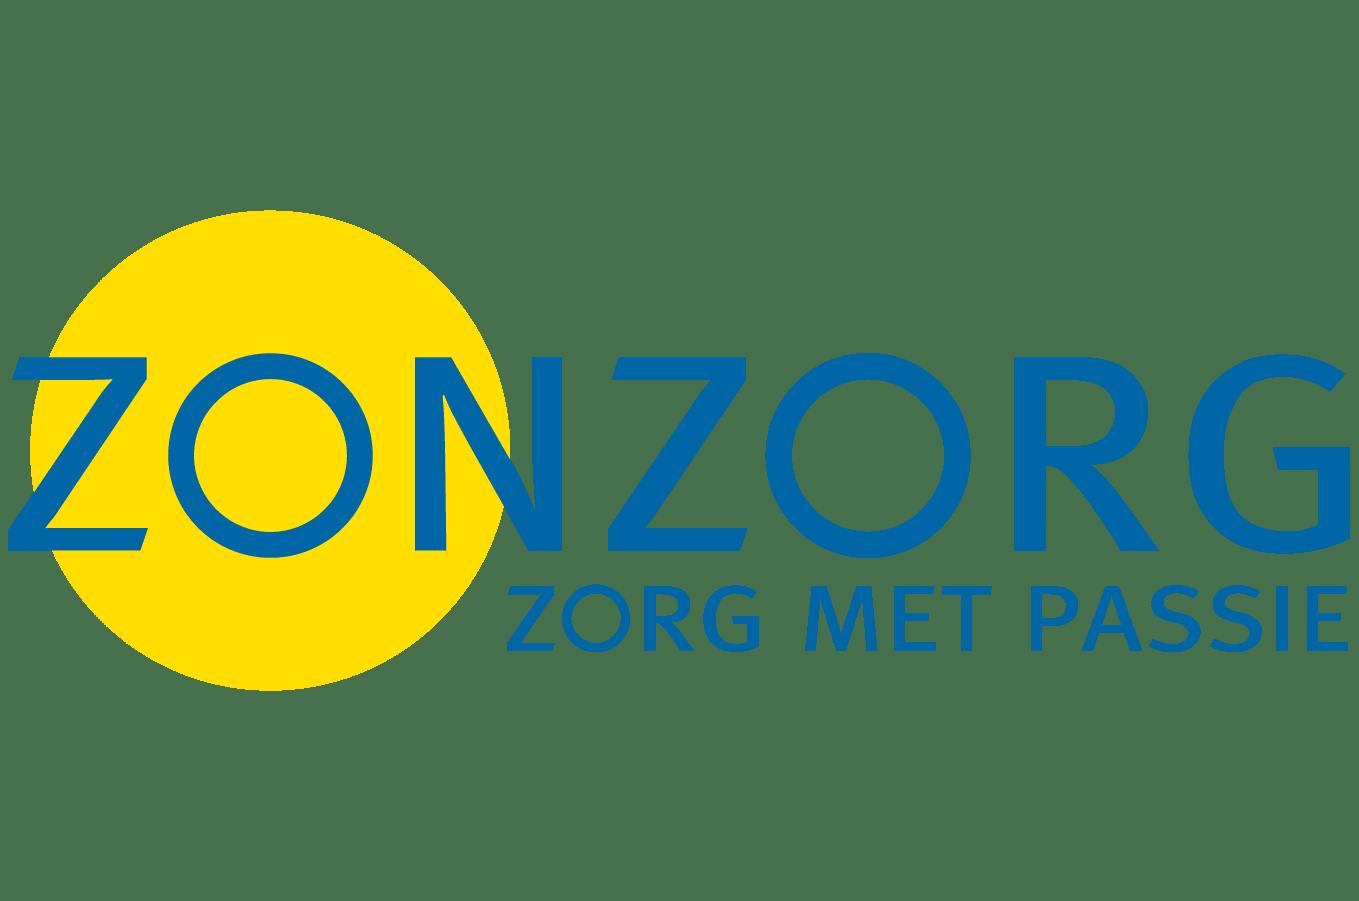 Zonzorg